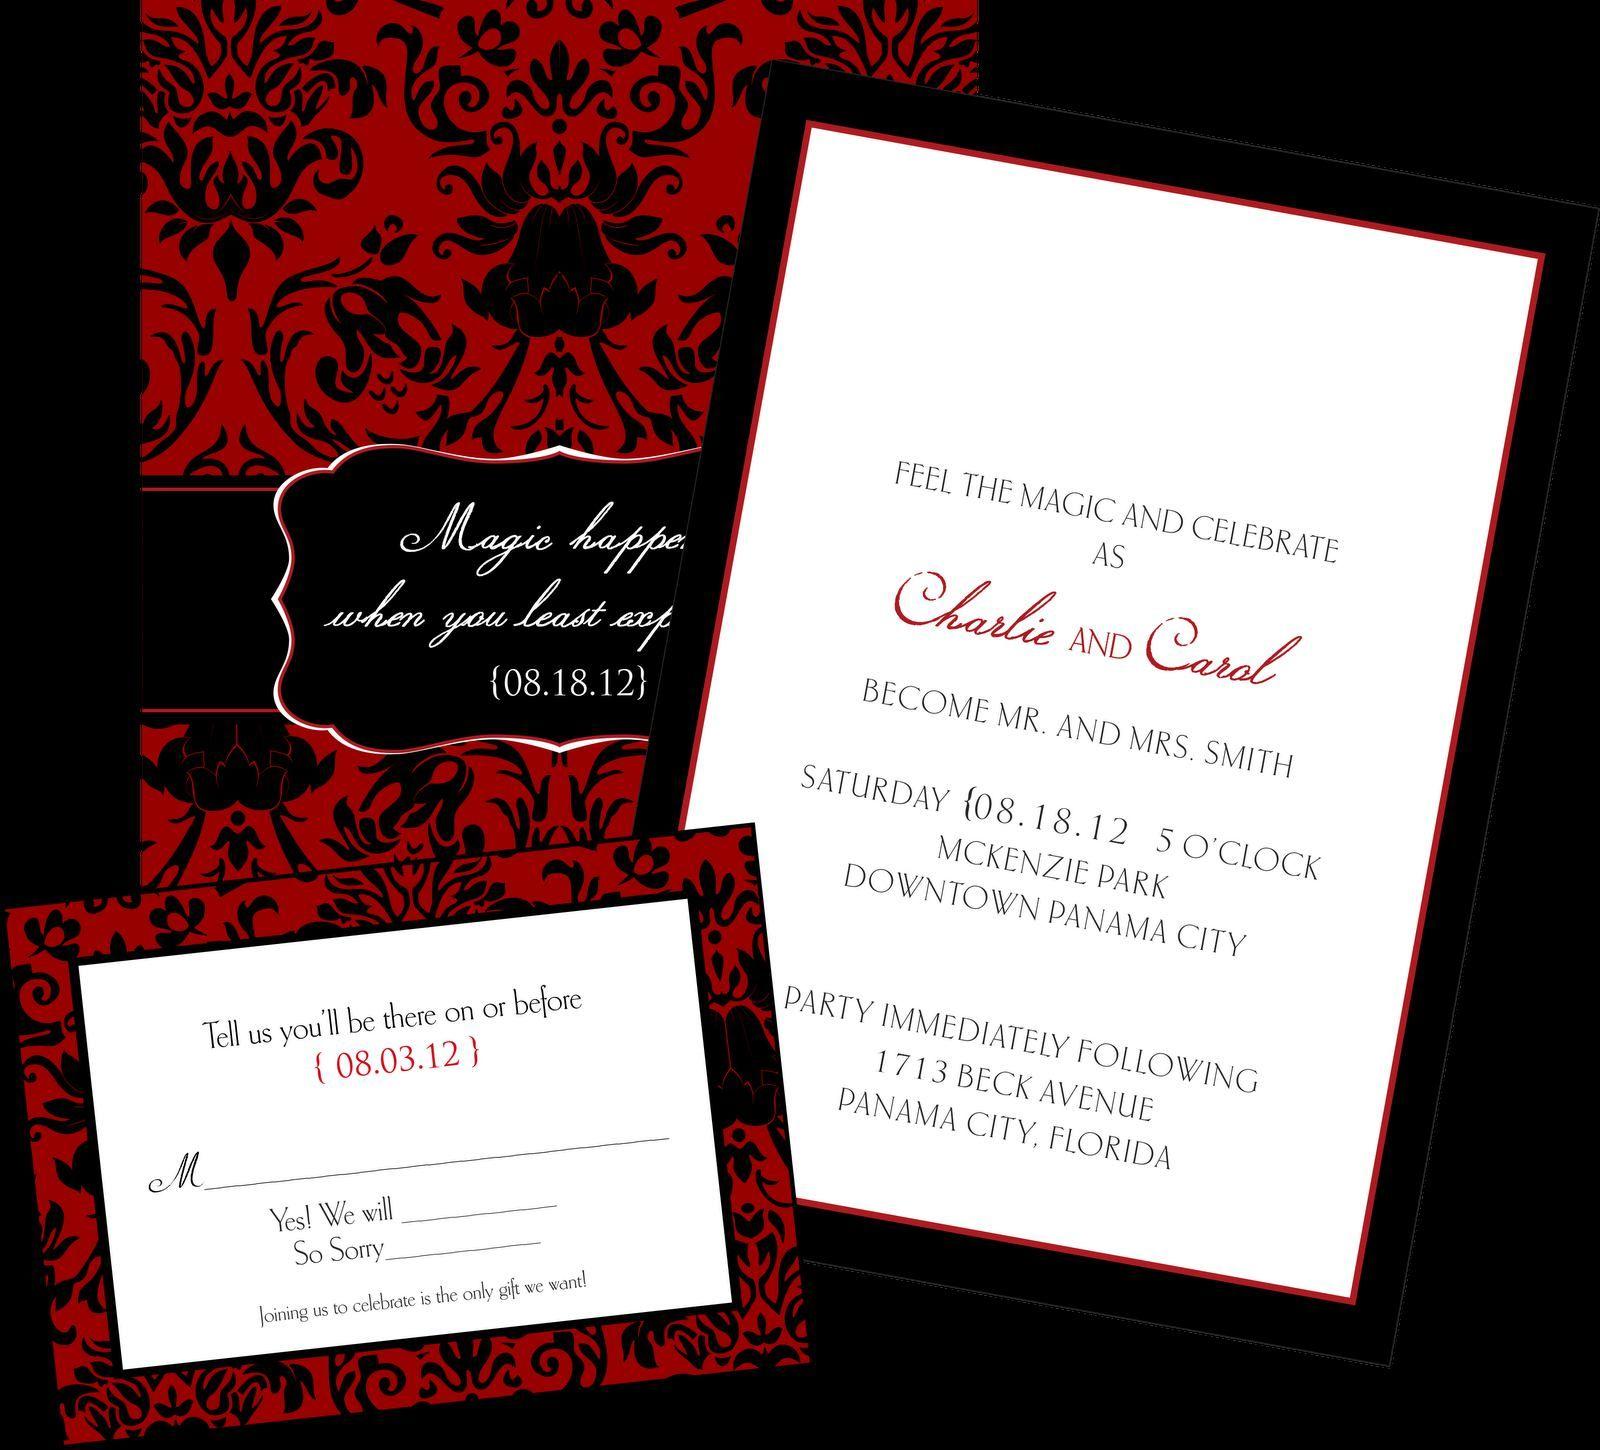 Wedding Invitation Card Blank Wedding Invitation Card – Blank Wedding Invitation Card Stock